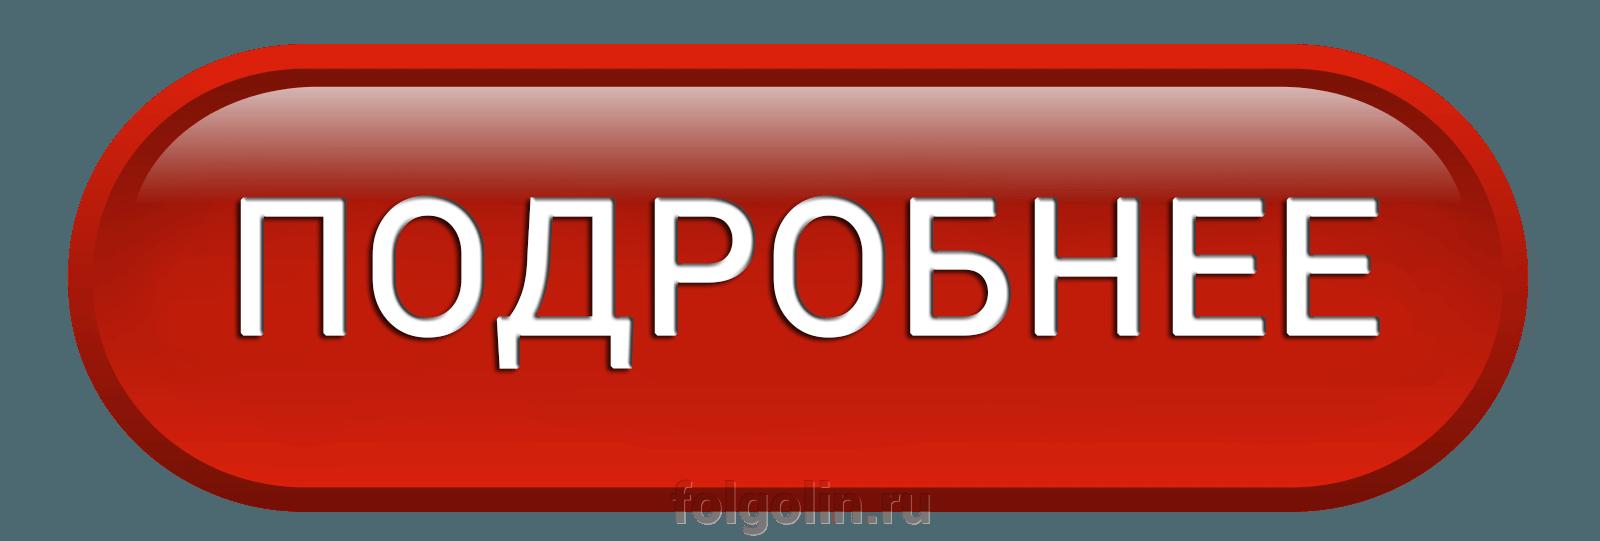 Готовые решения - фото pic_d98760cf7669c2cf3c44a3d7b6eb0461_1920x9000_1.png